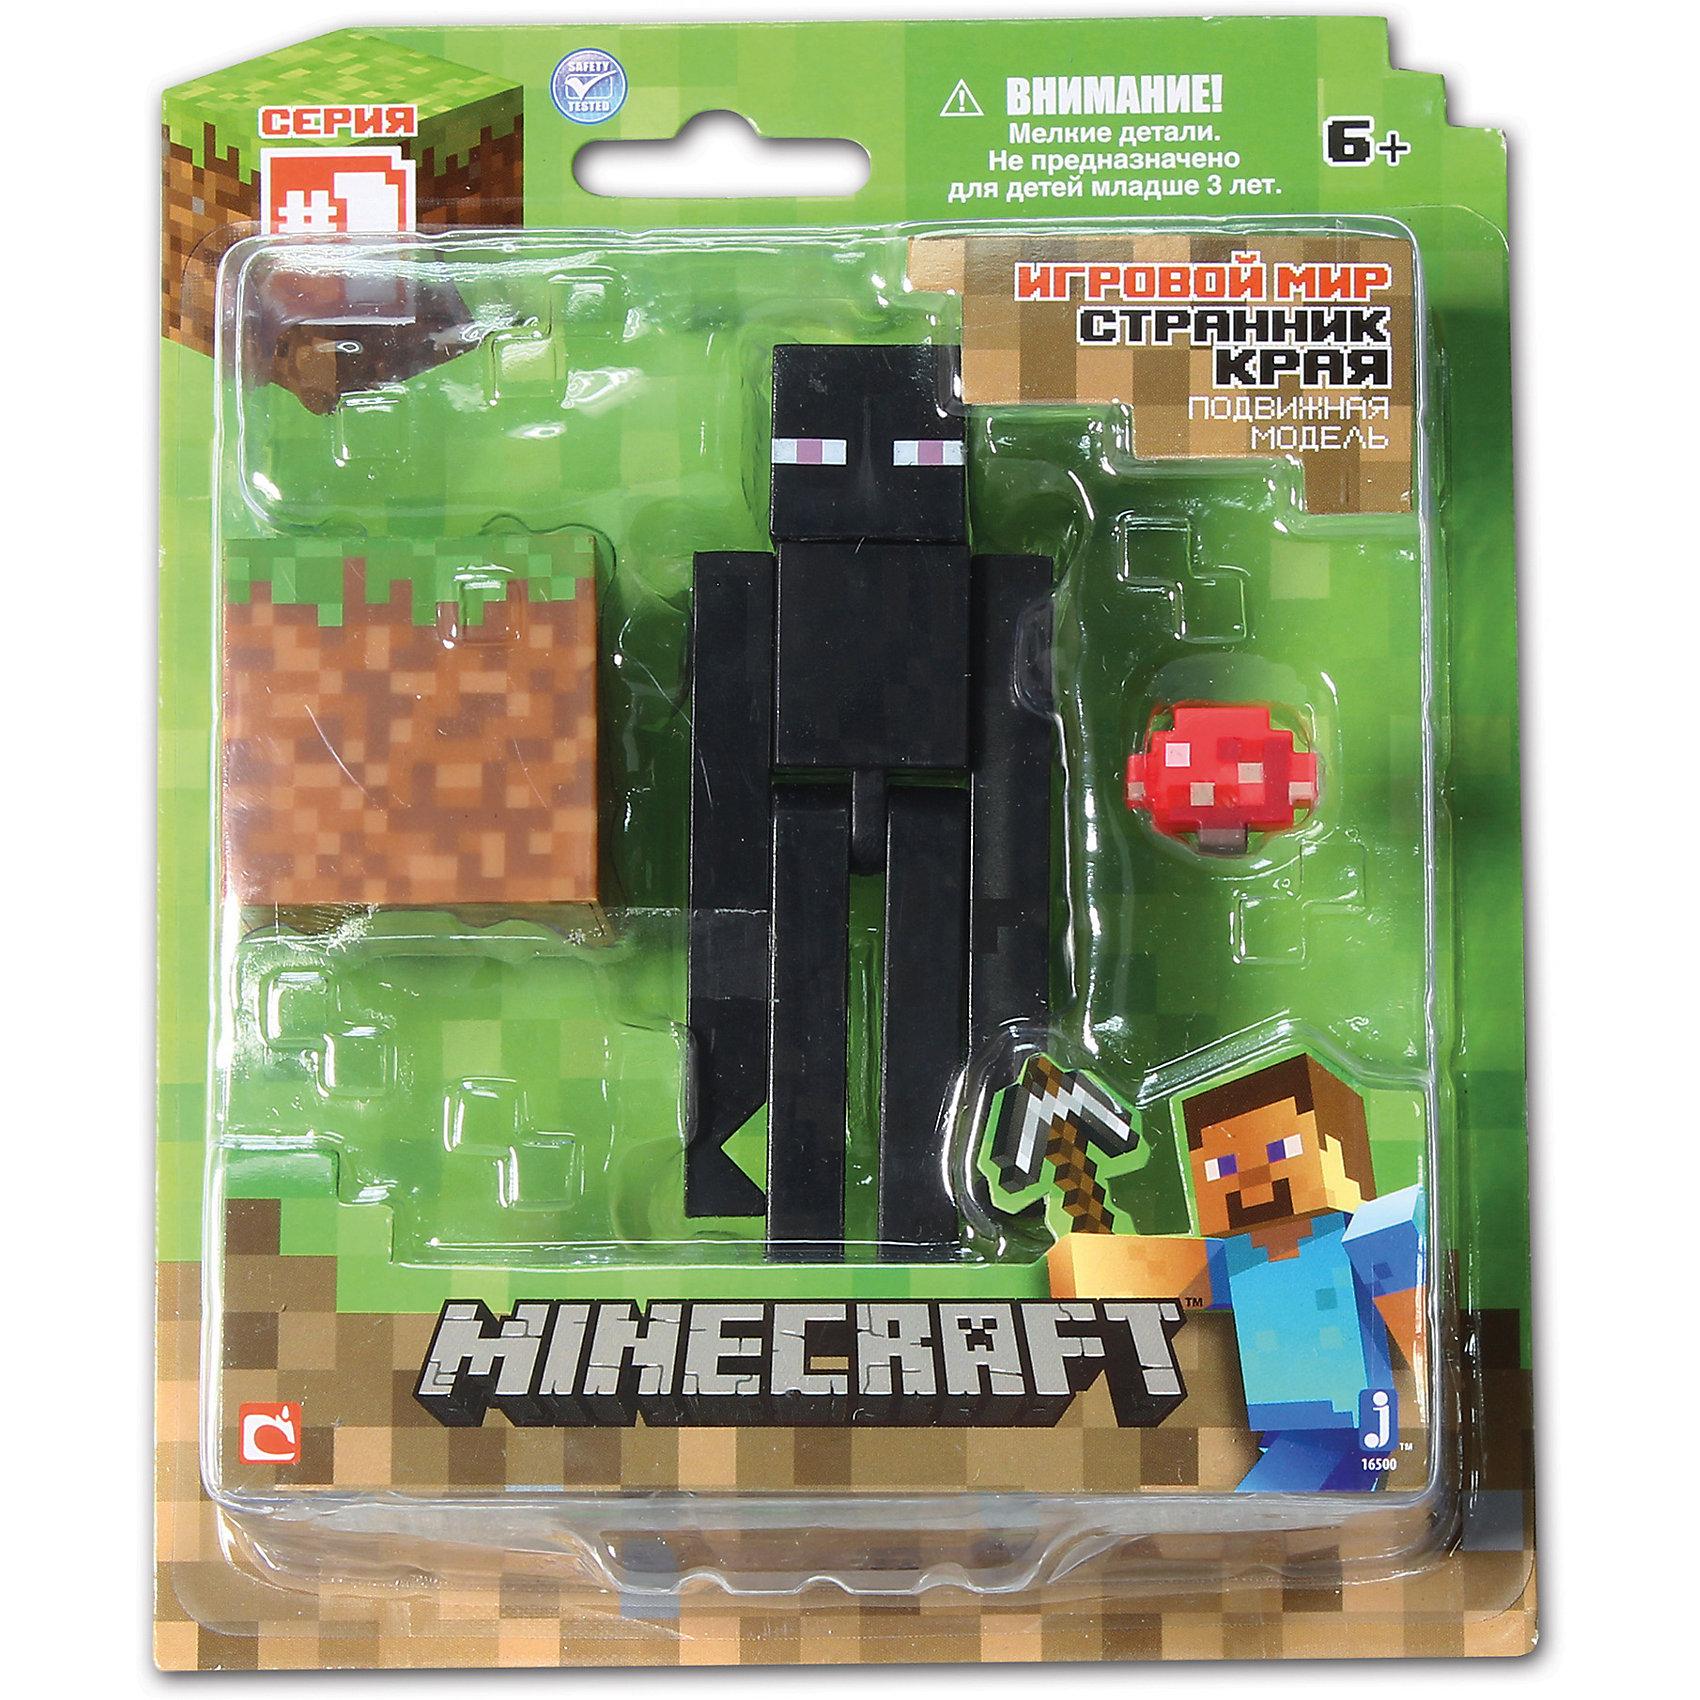 Игровой набор Странник Края, MinecraftИгровой набор Странник Края, Minecraft – это прекрасный подарок для поклонника популярной игры Minecraft.<br>Игровой набор Странник Края приведет в восторг поклонников компьютерной игры Minecraft. Теперь ваш ребенок сможет отвлечься от компьютера или планшета, не отрываясь от любимой забавы! Выполненный из высококачественного пластика, комплект включает подвижную фигурку нейтрального моба Странника Края, а также элементы фантастического мира – пиксельный куб земли, гриб. У фигурки Странника Края вращается голова, и сгибаются ручки и ножки. Странник края может держать в руках различные предметы. Фигурка прекрасно детализирована, реалистично раскрашена, очень похожа на персонажа компьютерной игры.<br><br>Дополнительная информация:<br><br>- В наборе: подвижная фигурка Странника Края, куб земли, гриб<br>- Размер фигурки: 10 х 3 х 2 см.<br>- Материал: пластик<br>- Упаковка: блистер<br>- Размер упаковки: 14х17 см.<br><br>Игровой набор Странник Края, Minecraft можно купить в нашем интернет-магазине.<br><br>Ширина мм: 50<br>Глубина мм: 145<br>Высота мм: 180<br>Вес г: 111<br>Возраст от месяцев: 72<br>Возраст до месяцев: 144<br>Пол: Унисекс<br>Возраст: Детский<br>SKU: 4655100